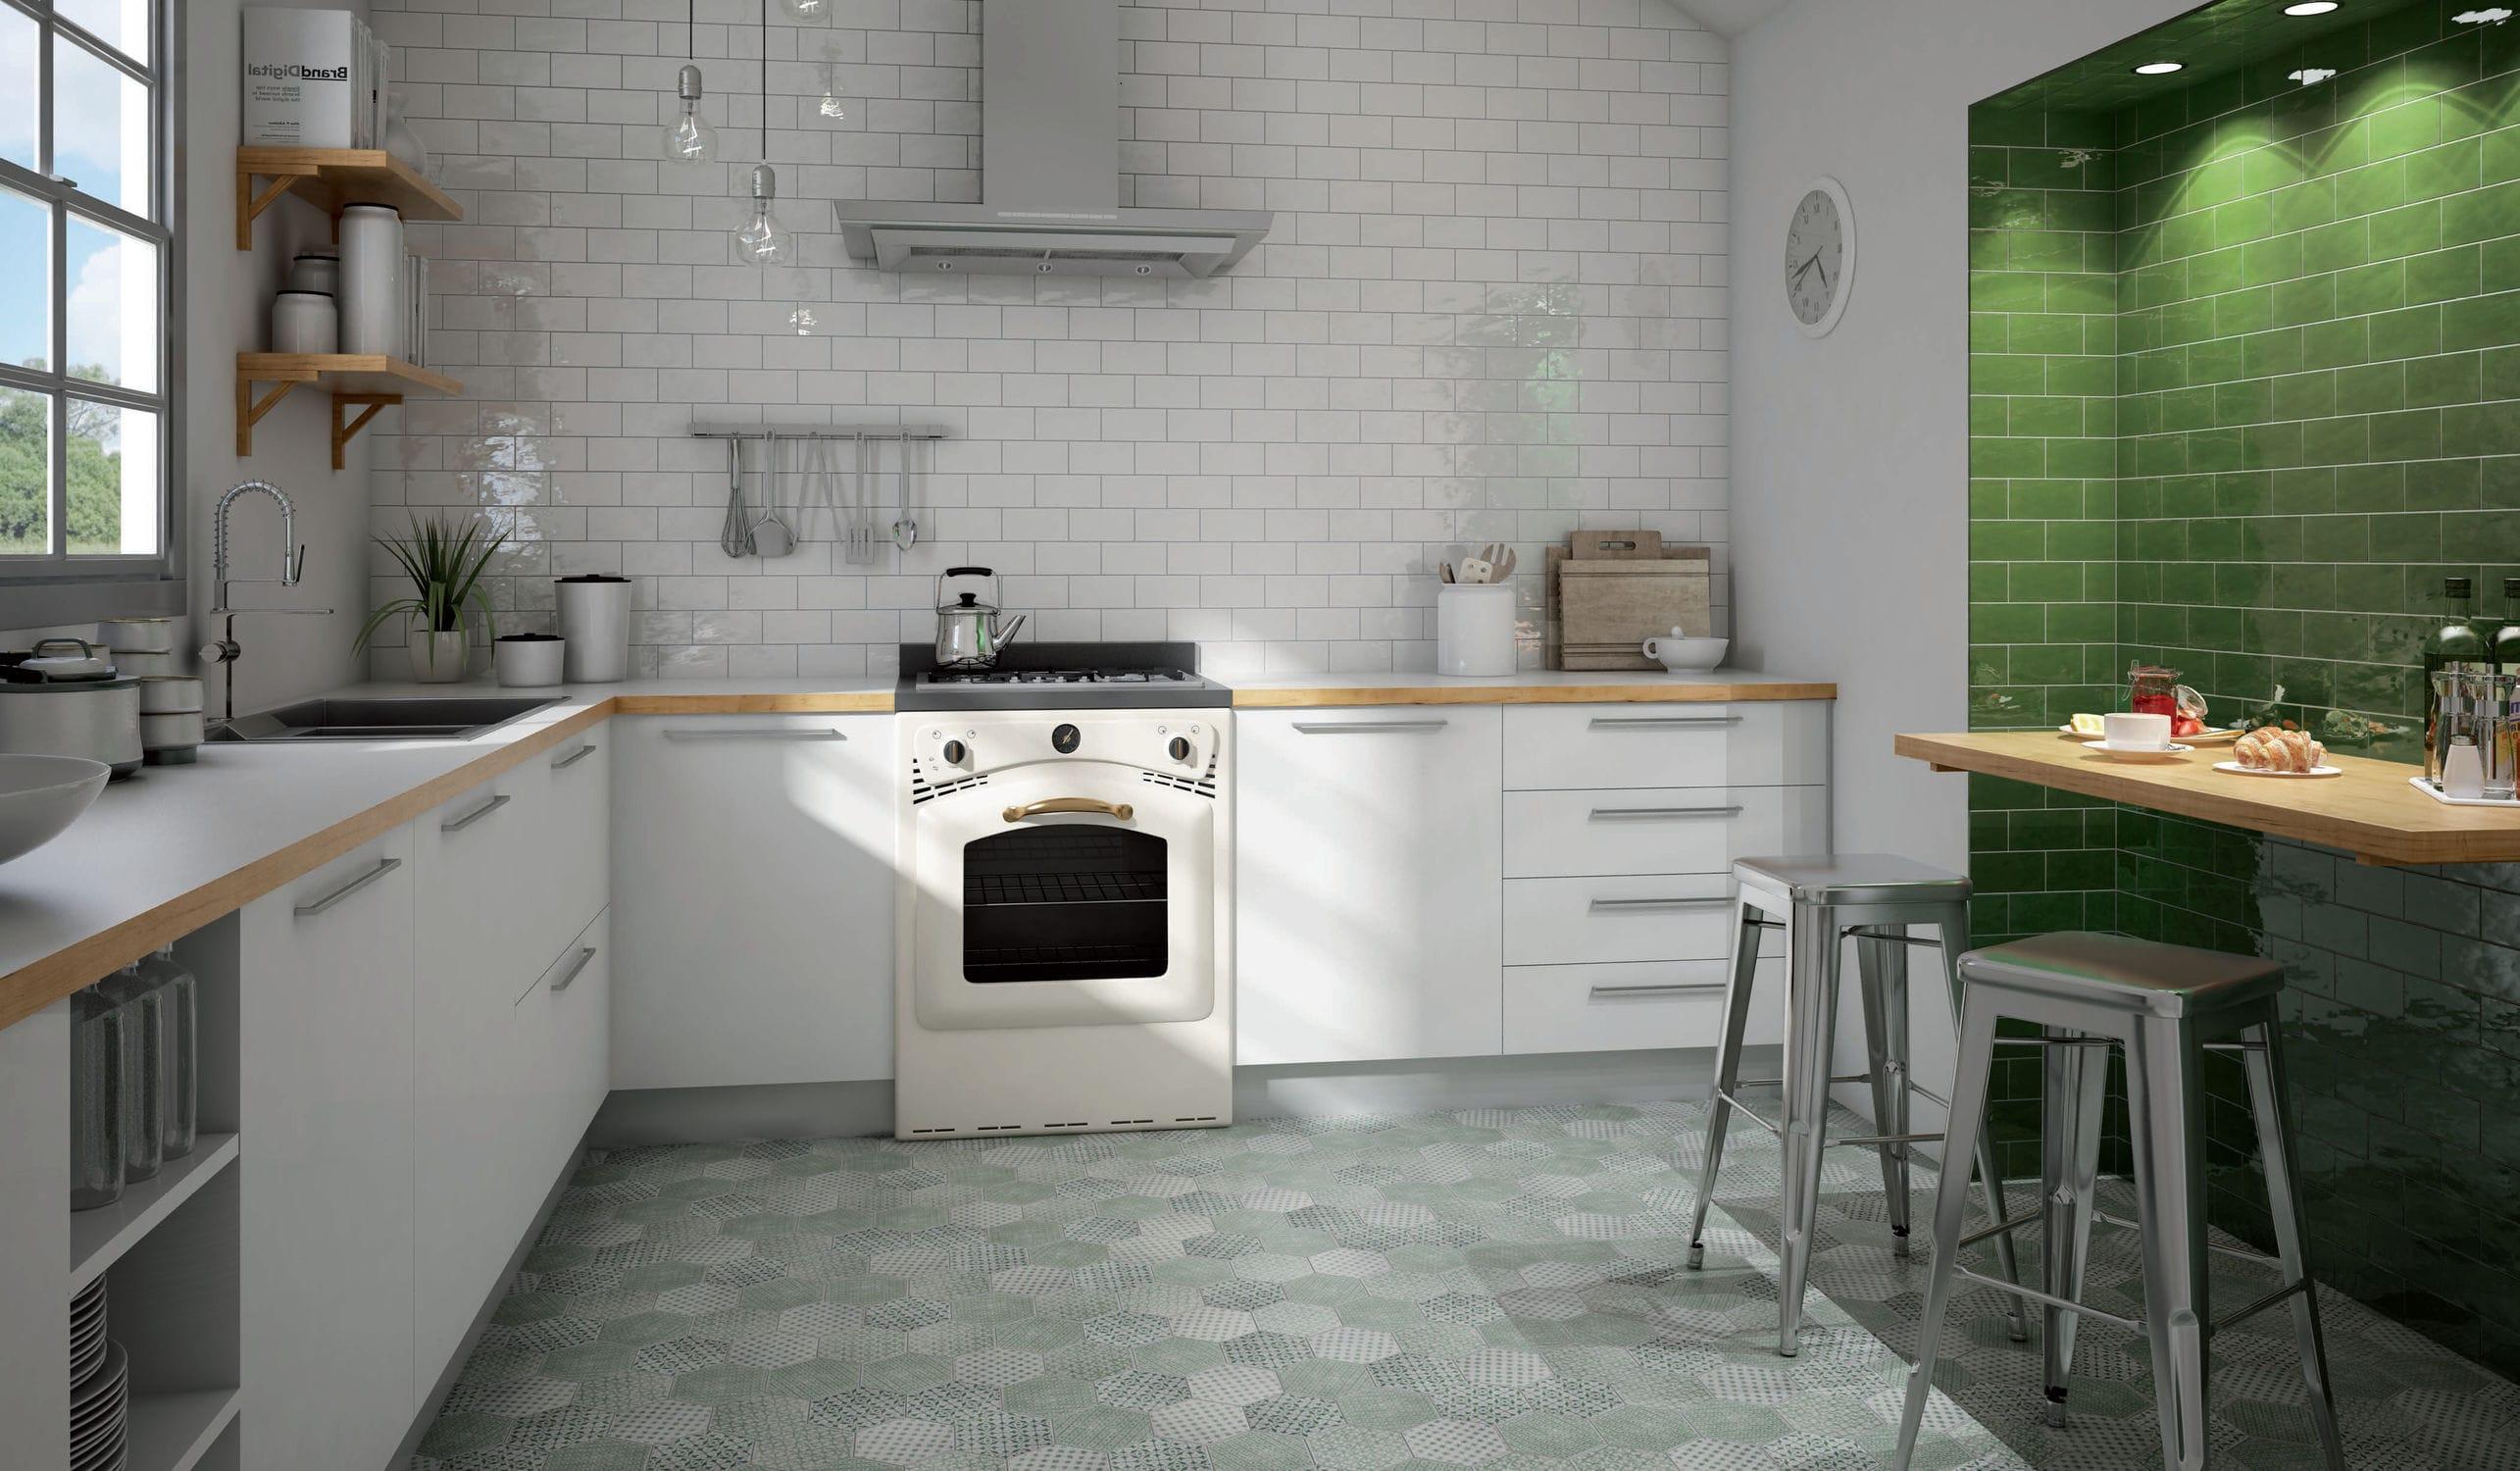 Fliesen für Badezimmer / Küchen / Wand / Keramik - ANTIC - CEVICA